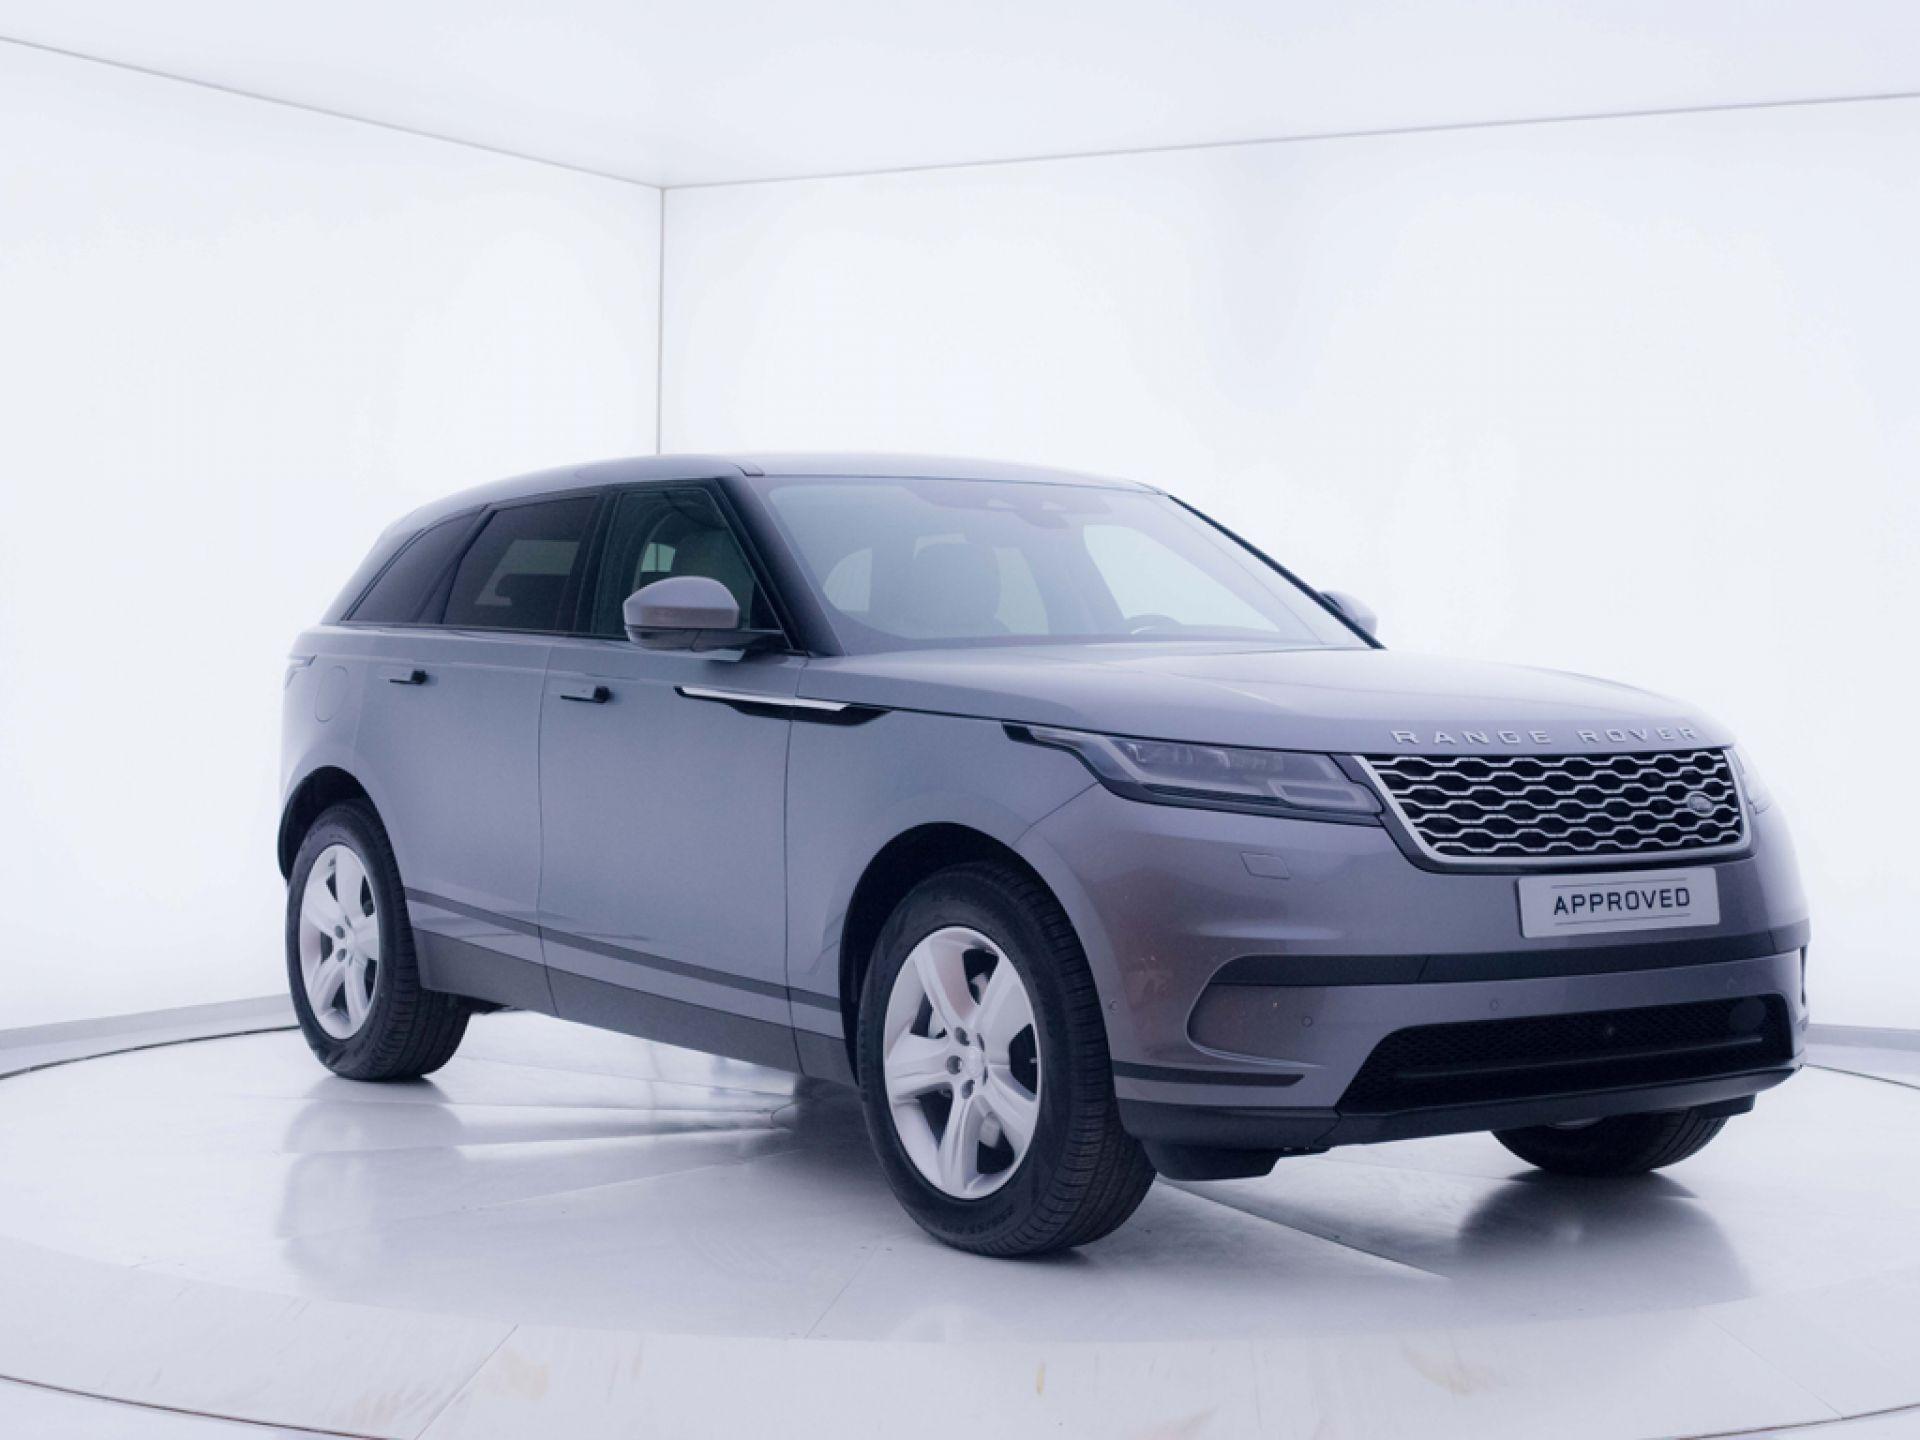 Land Rover Range Rover Velar 2.0D I4 (204CV) S 4WD Auto